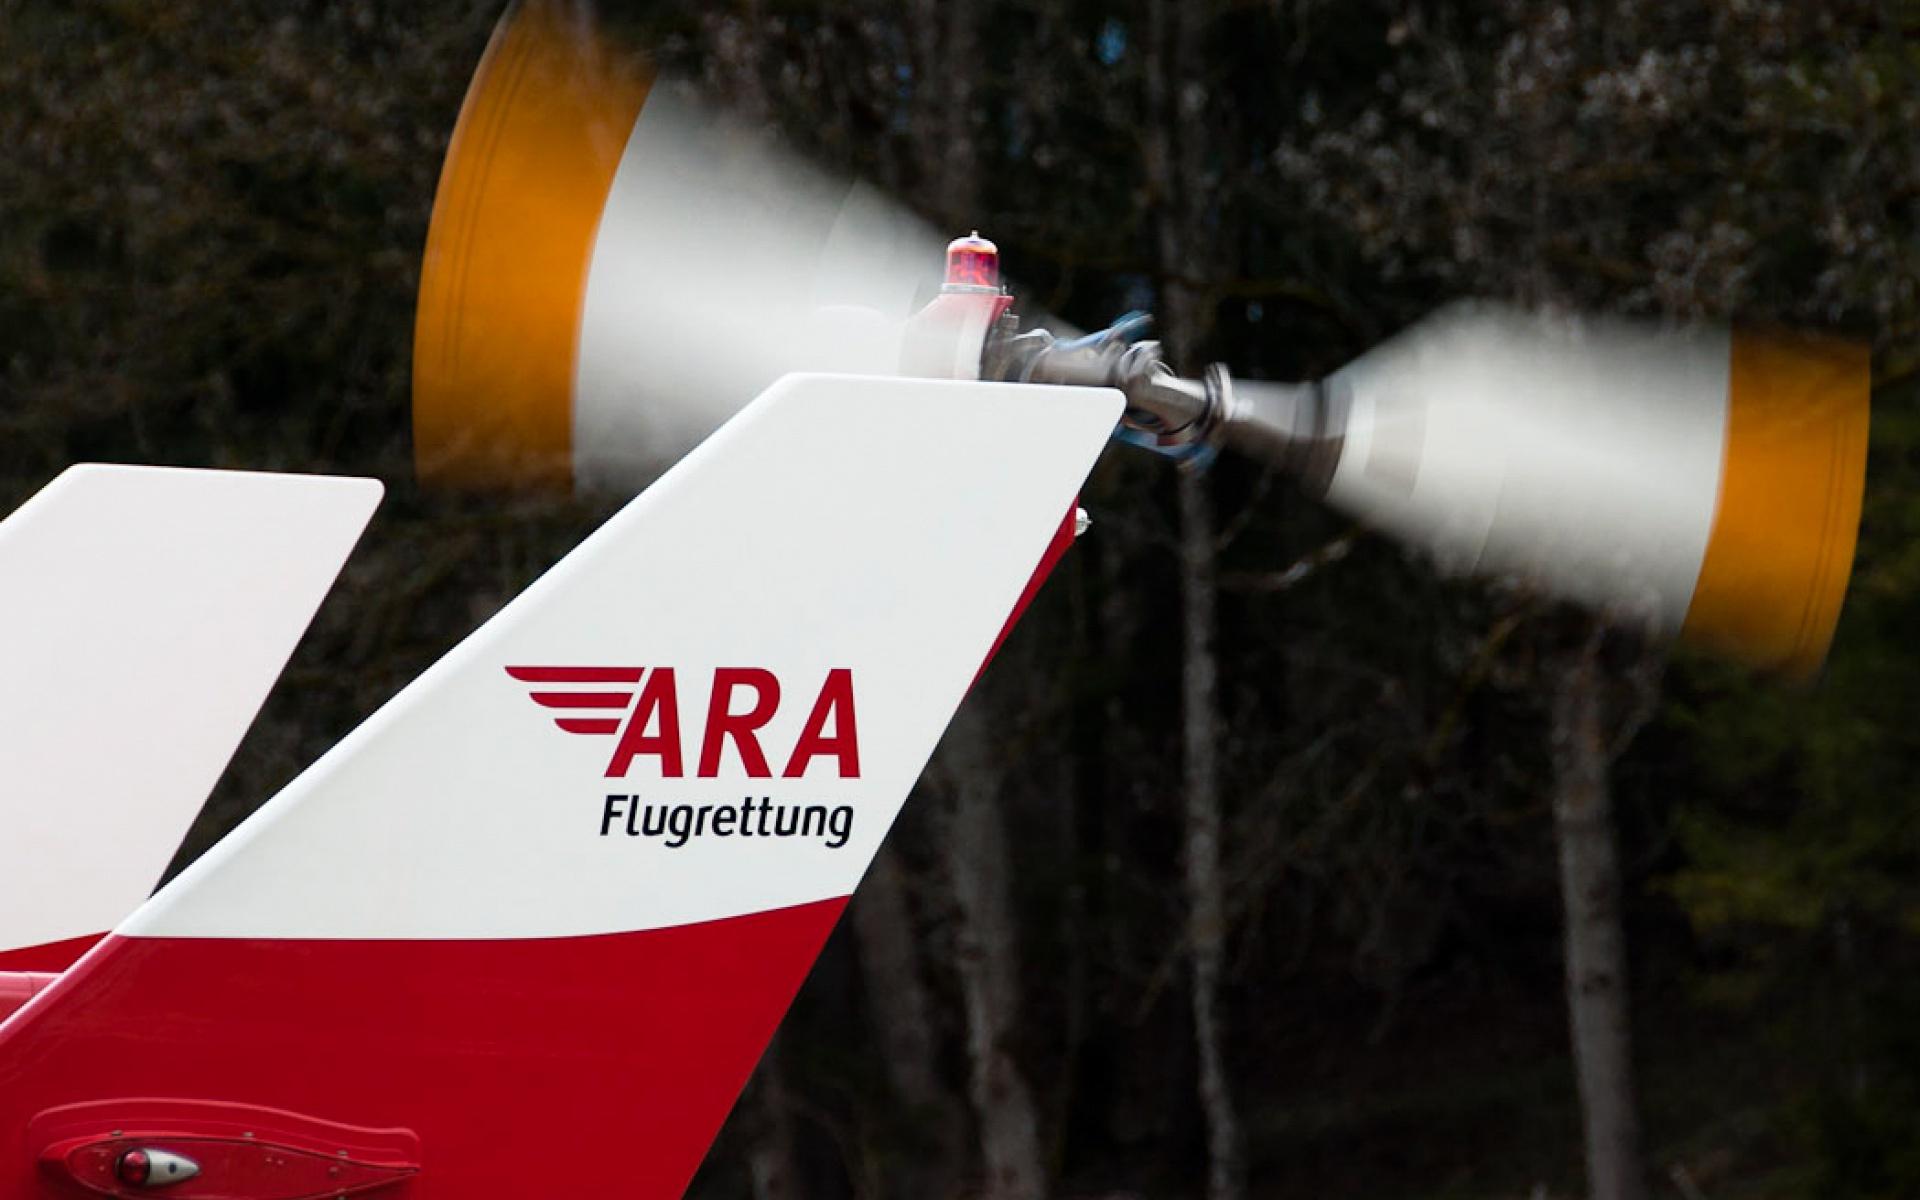 Einsatz im Hochgebirge für RK-2 der ARA Flugrettung. Symbolbild.